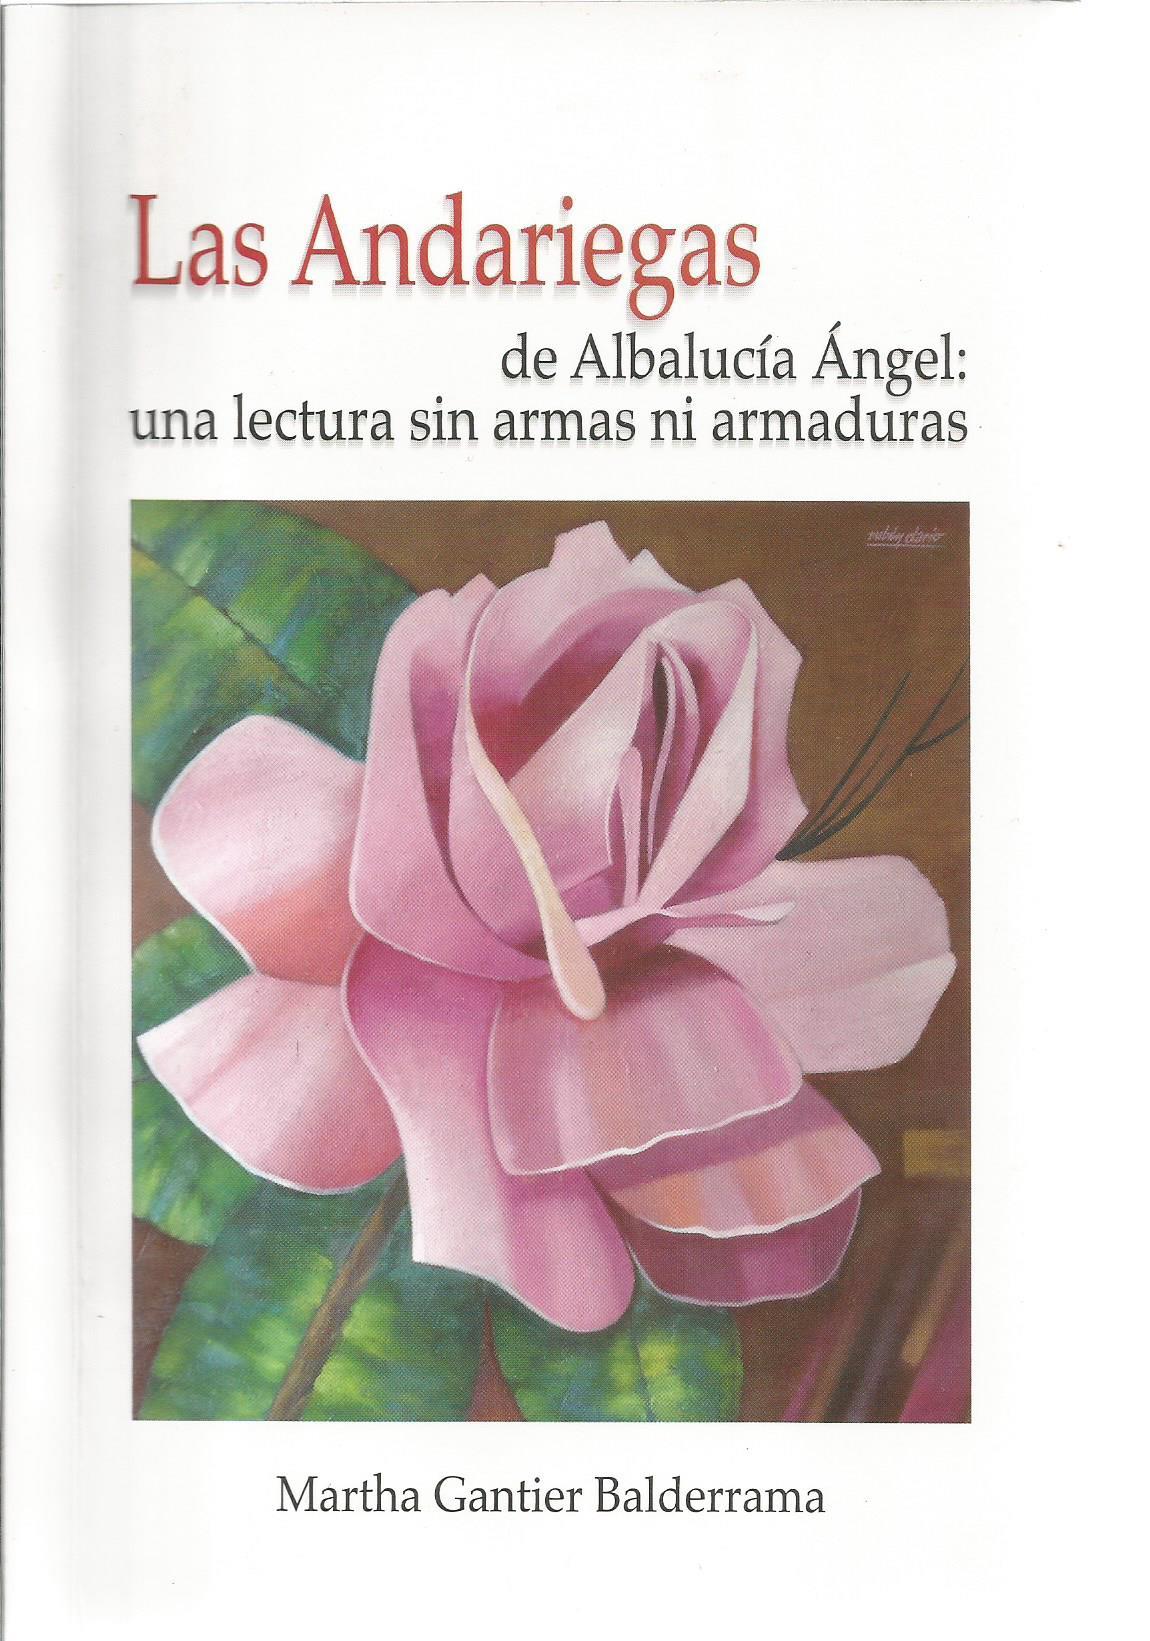 Las Andariegas de Alba Lucía Ángel, una lectura sin armaduras -